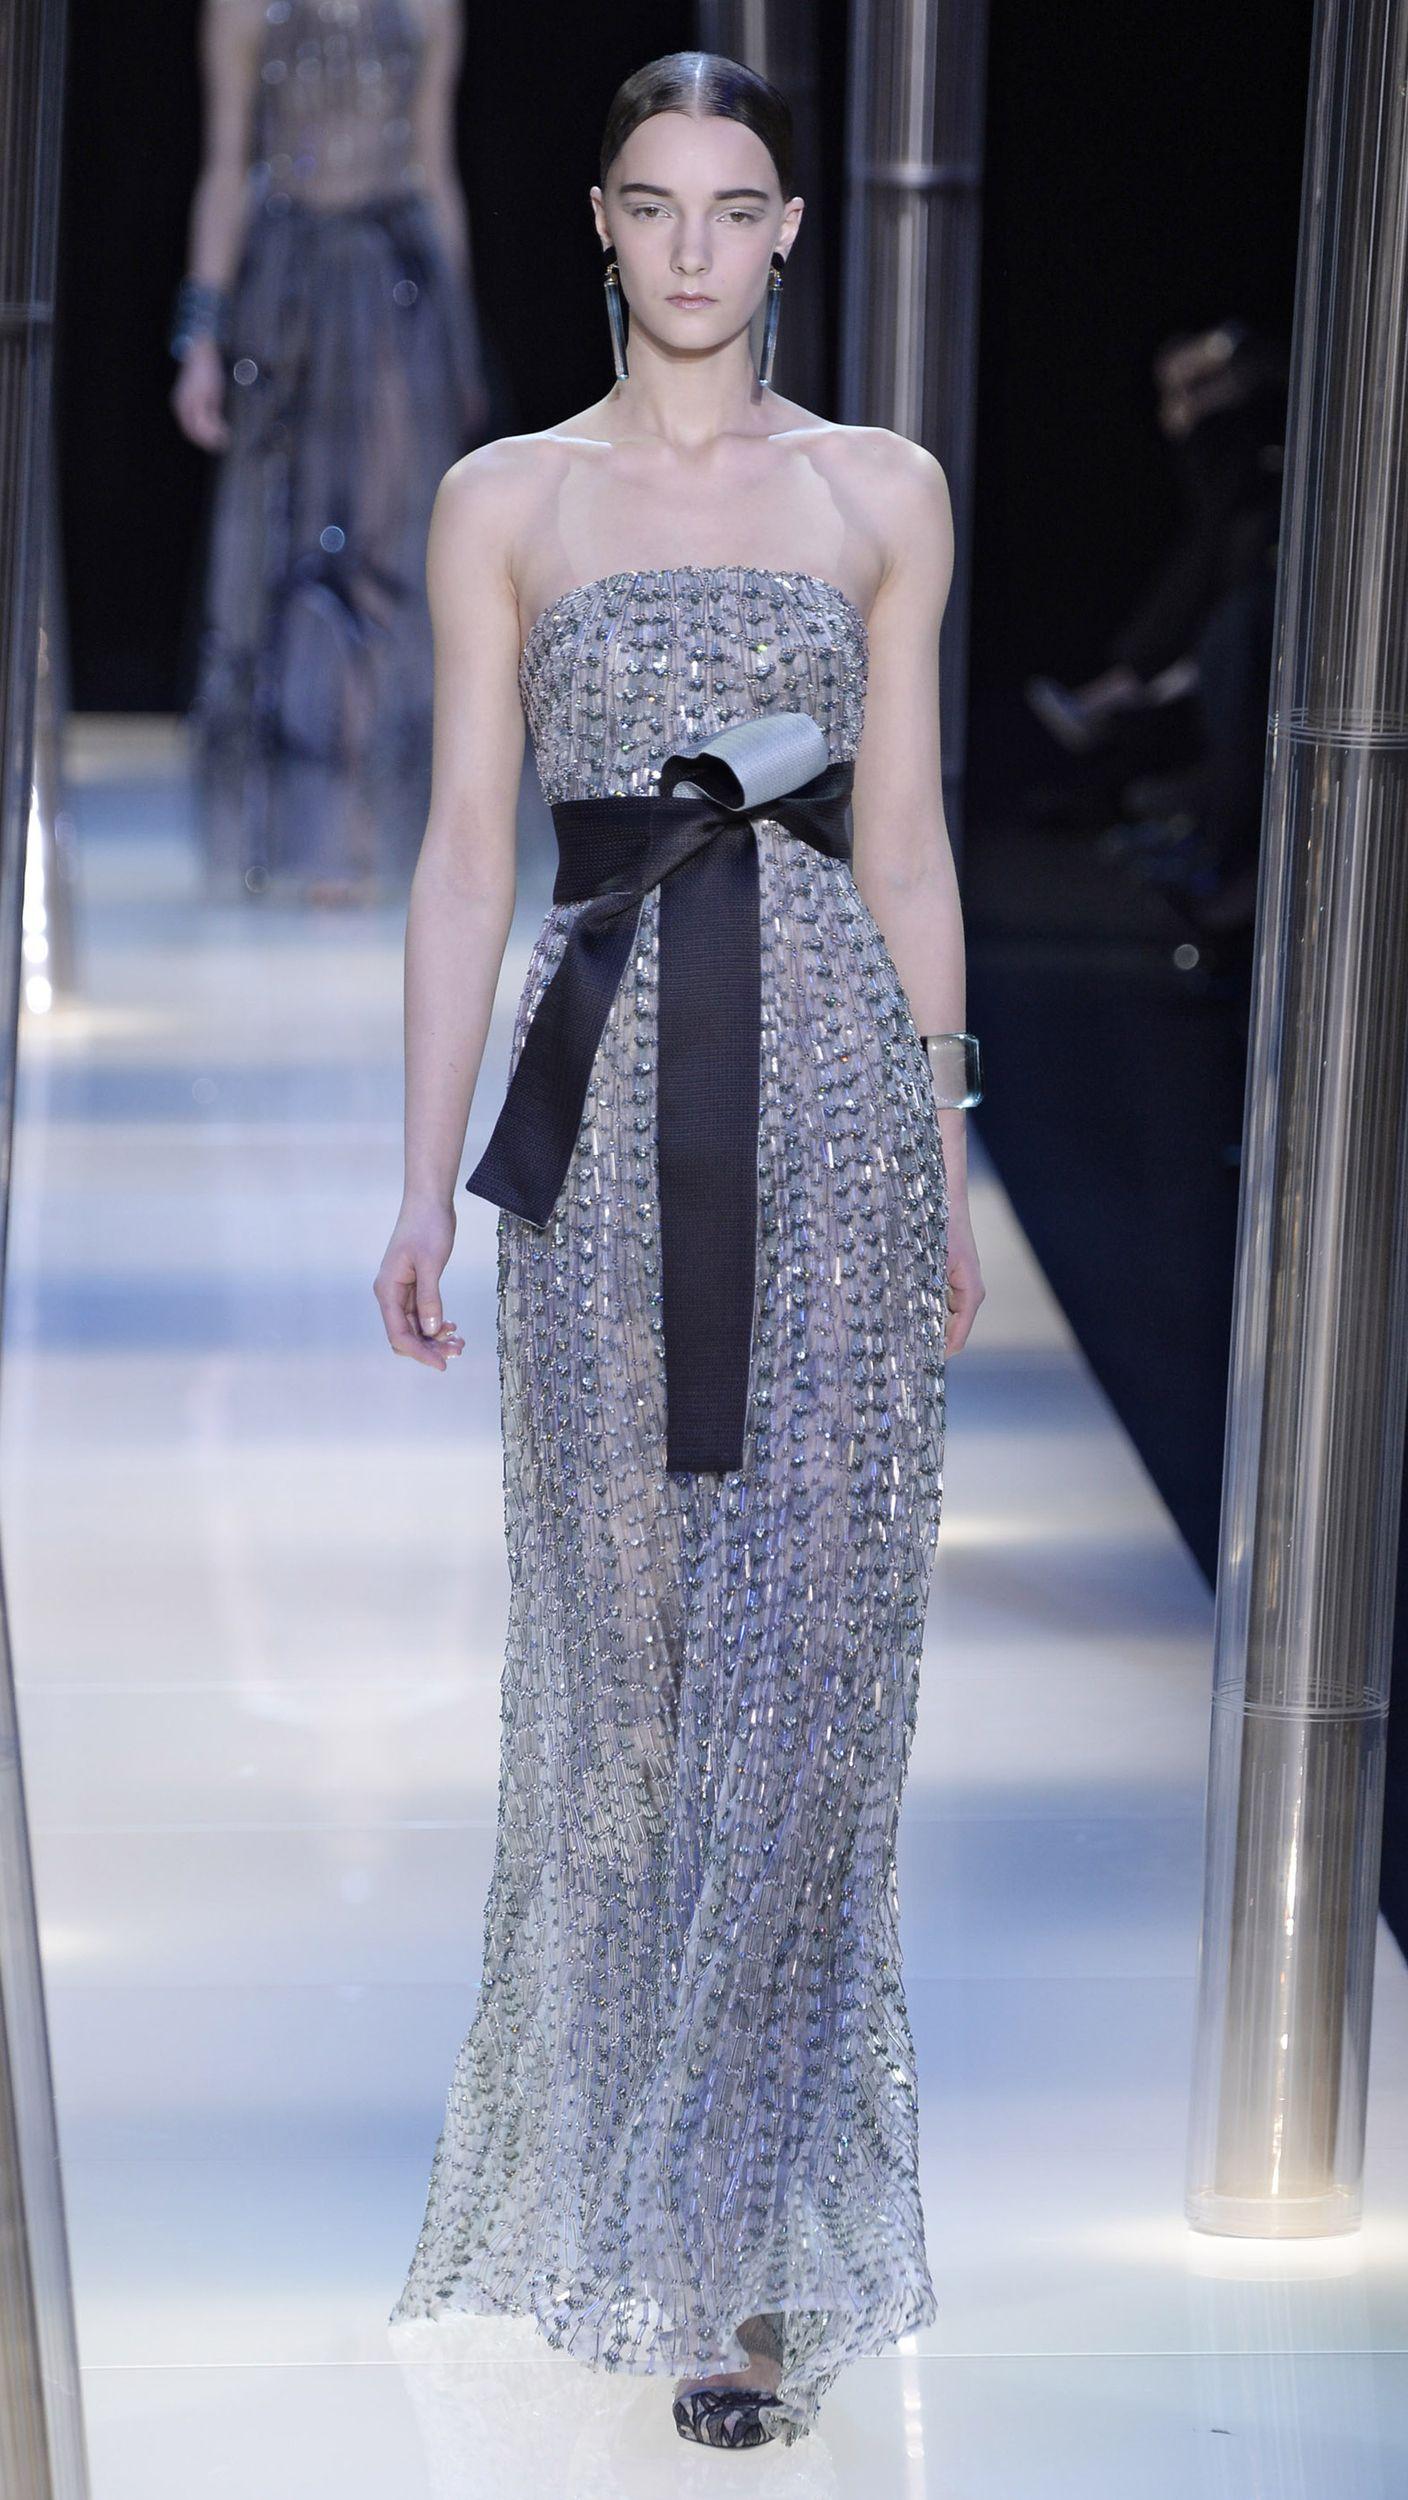 02b07810e336 Giorgio Armani Prive Haute Couture Spring Summer 2015 via  AOL Lifestyle  Read more  http